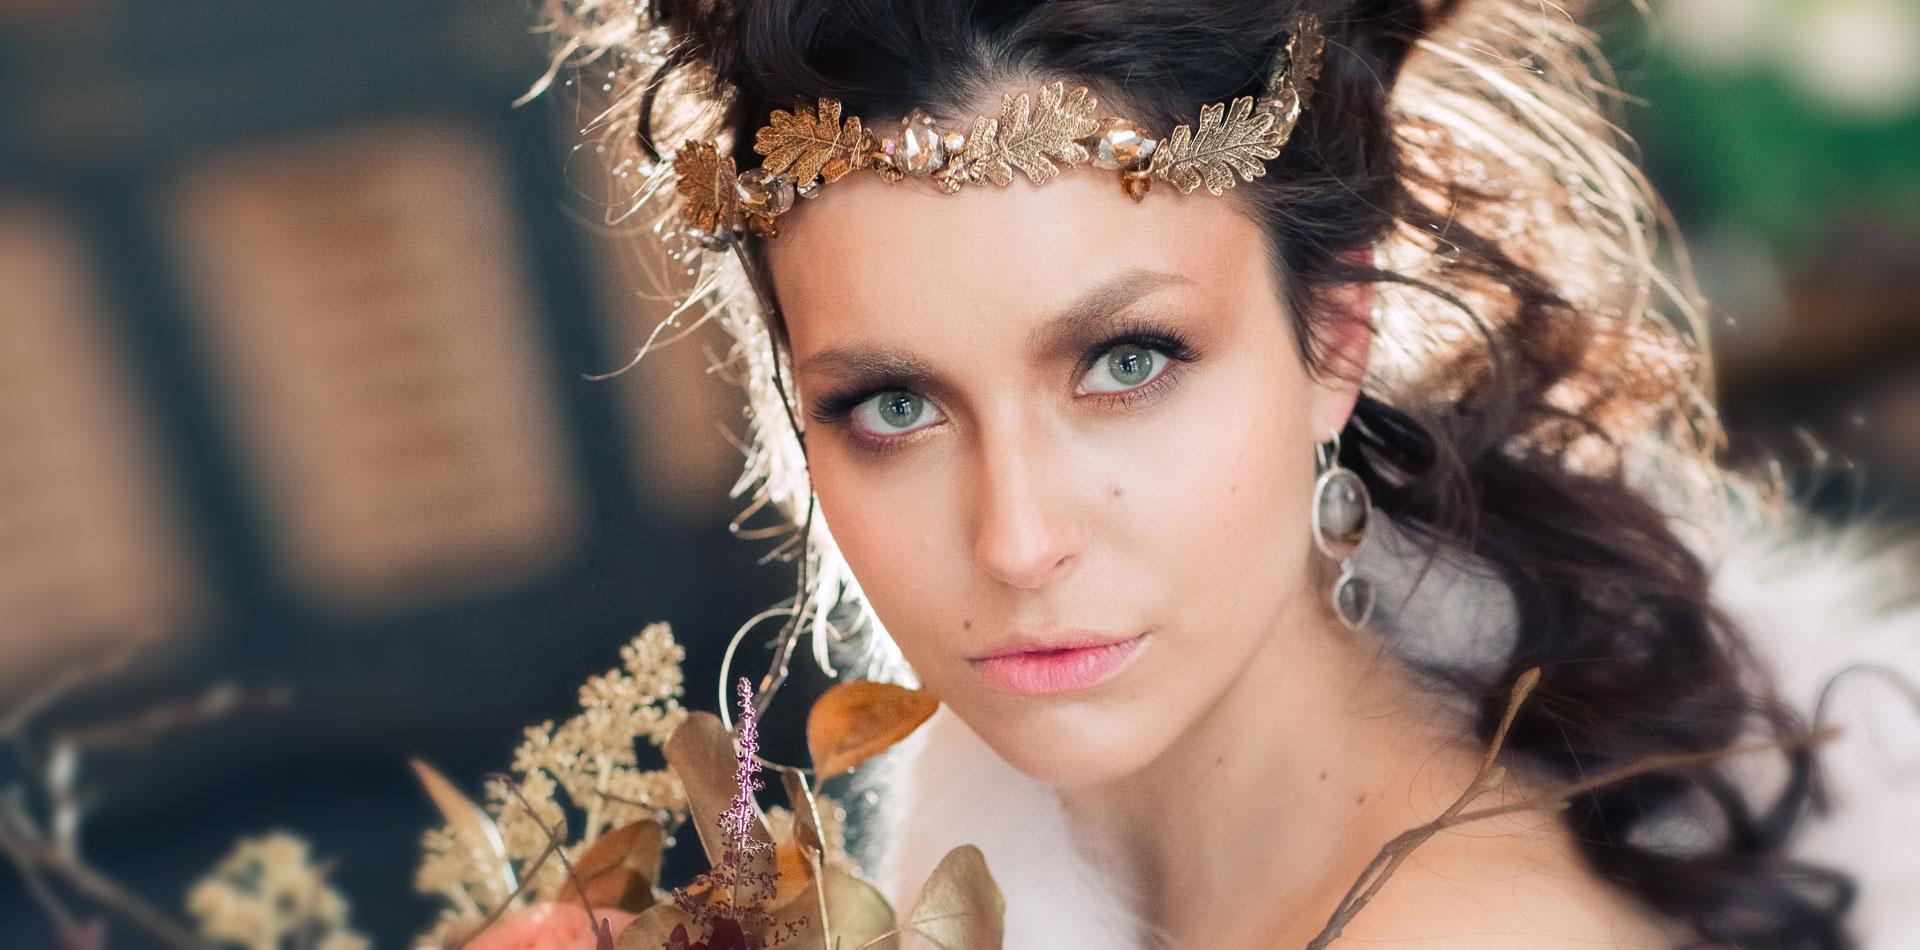 Современное барокко, образ невесты, фото 9